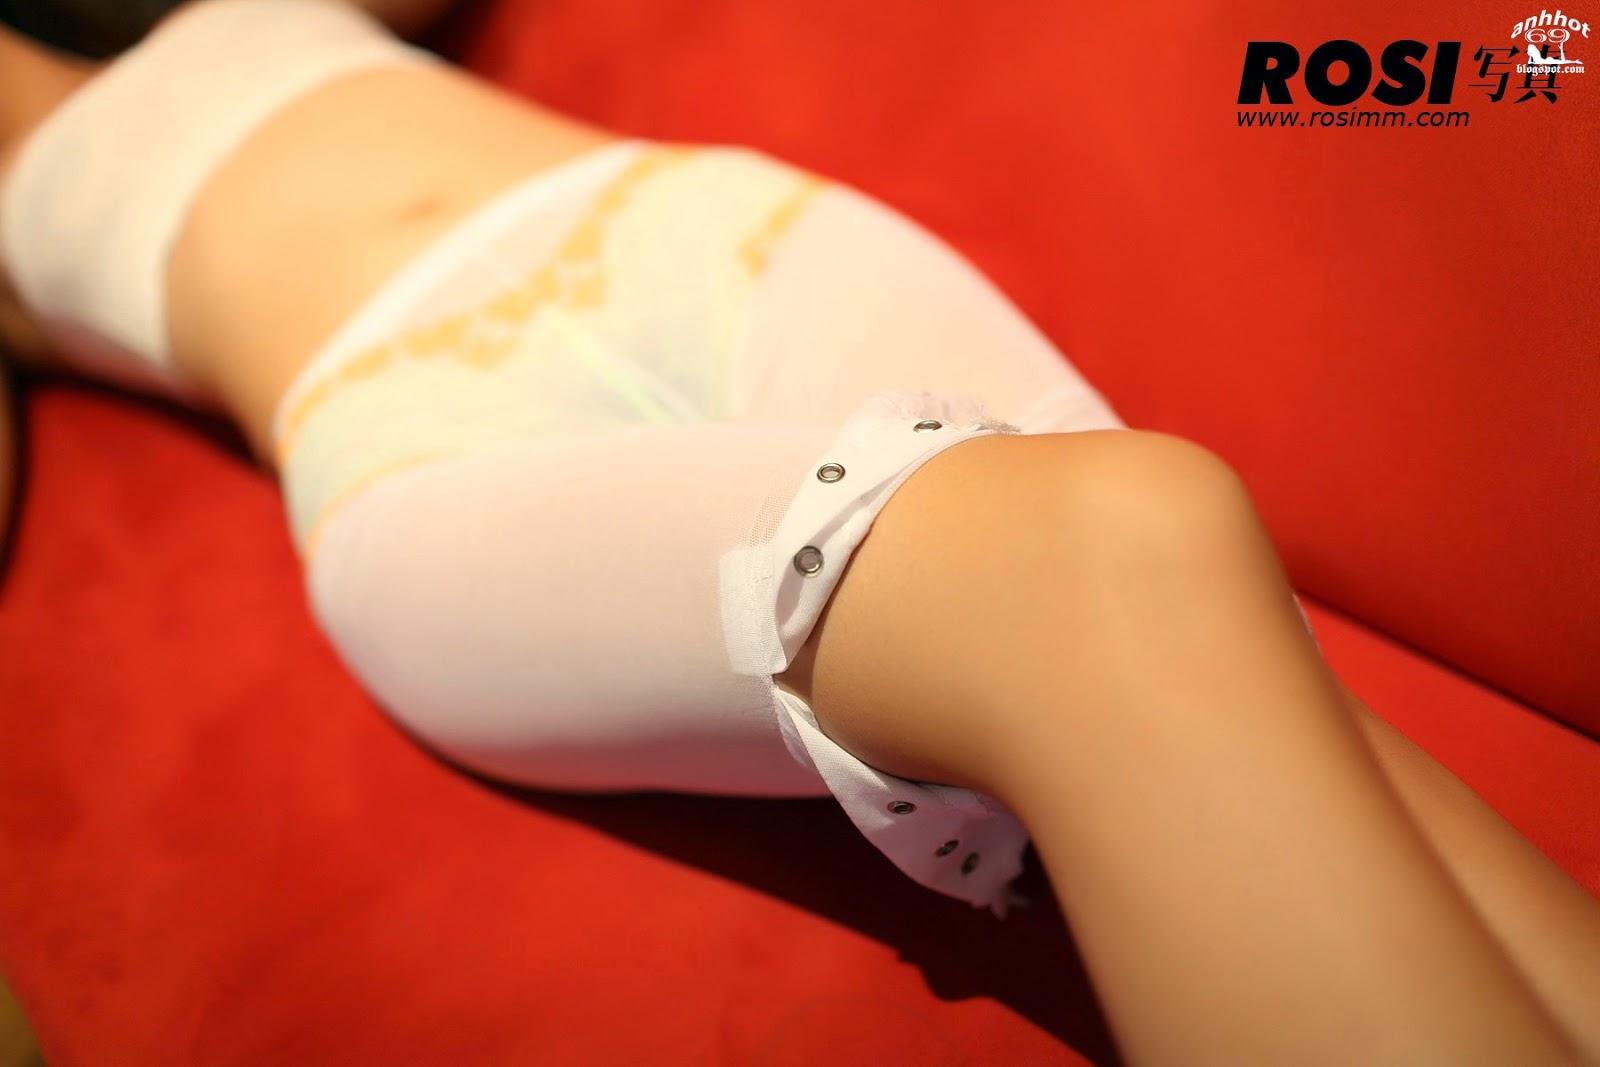 model_girl-rosi-01132407